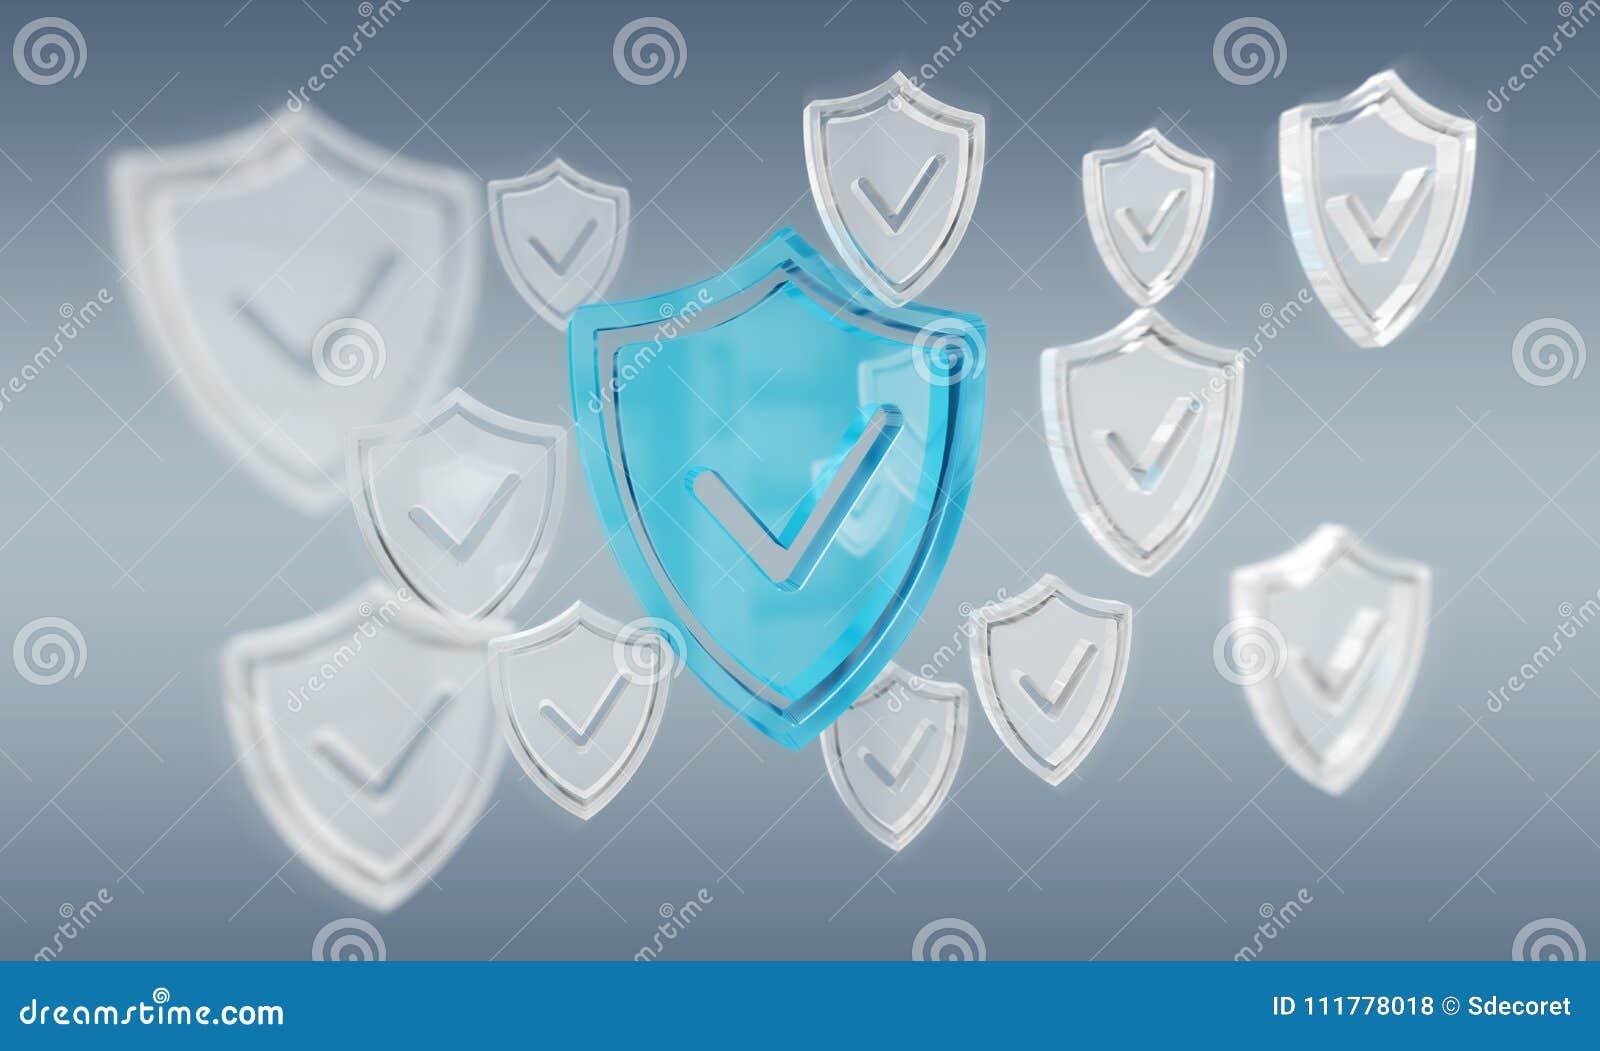 Representación moderna del antivirus 3D del escudo de los datos digitales